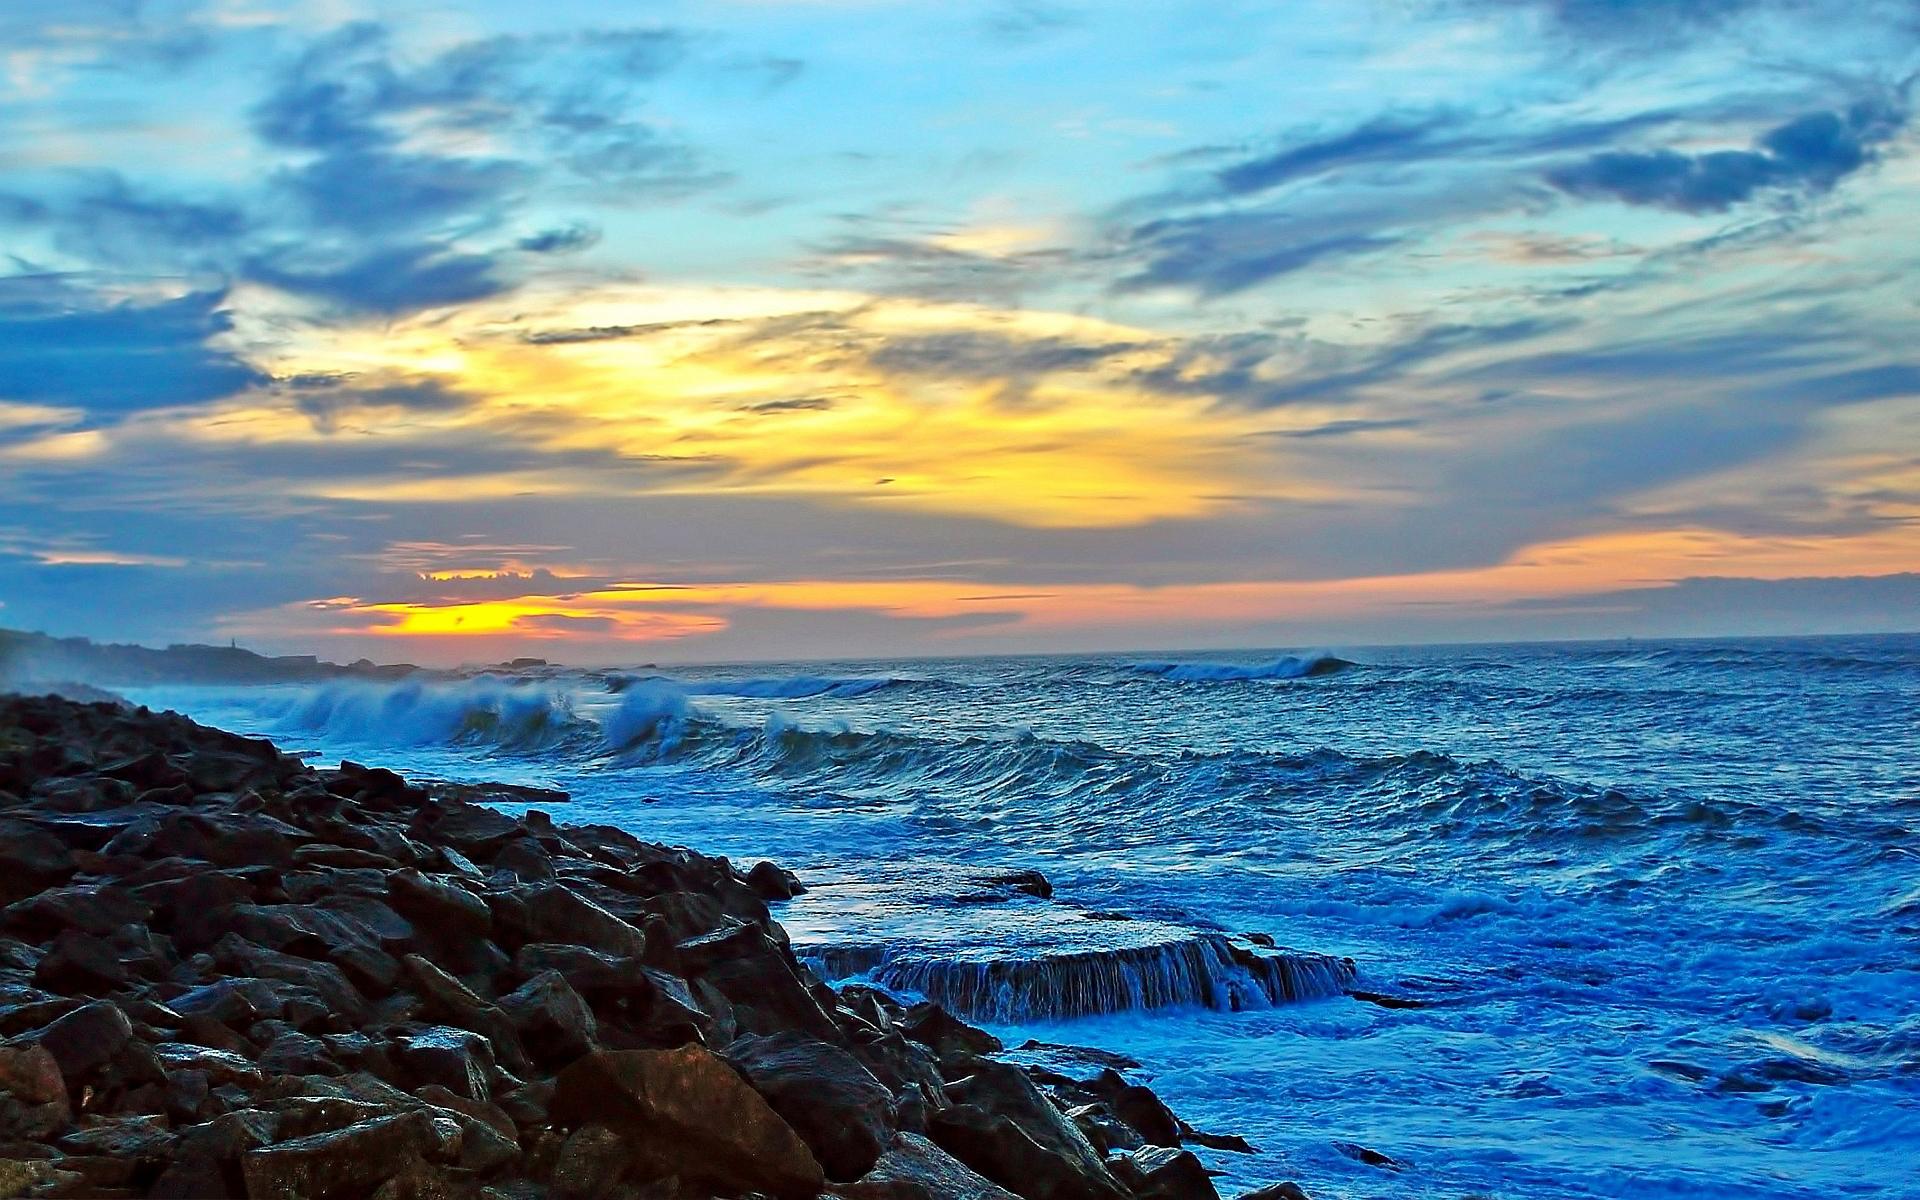 Sea coast shore sunset